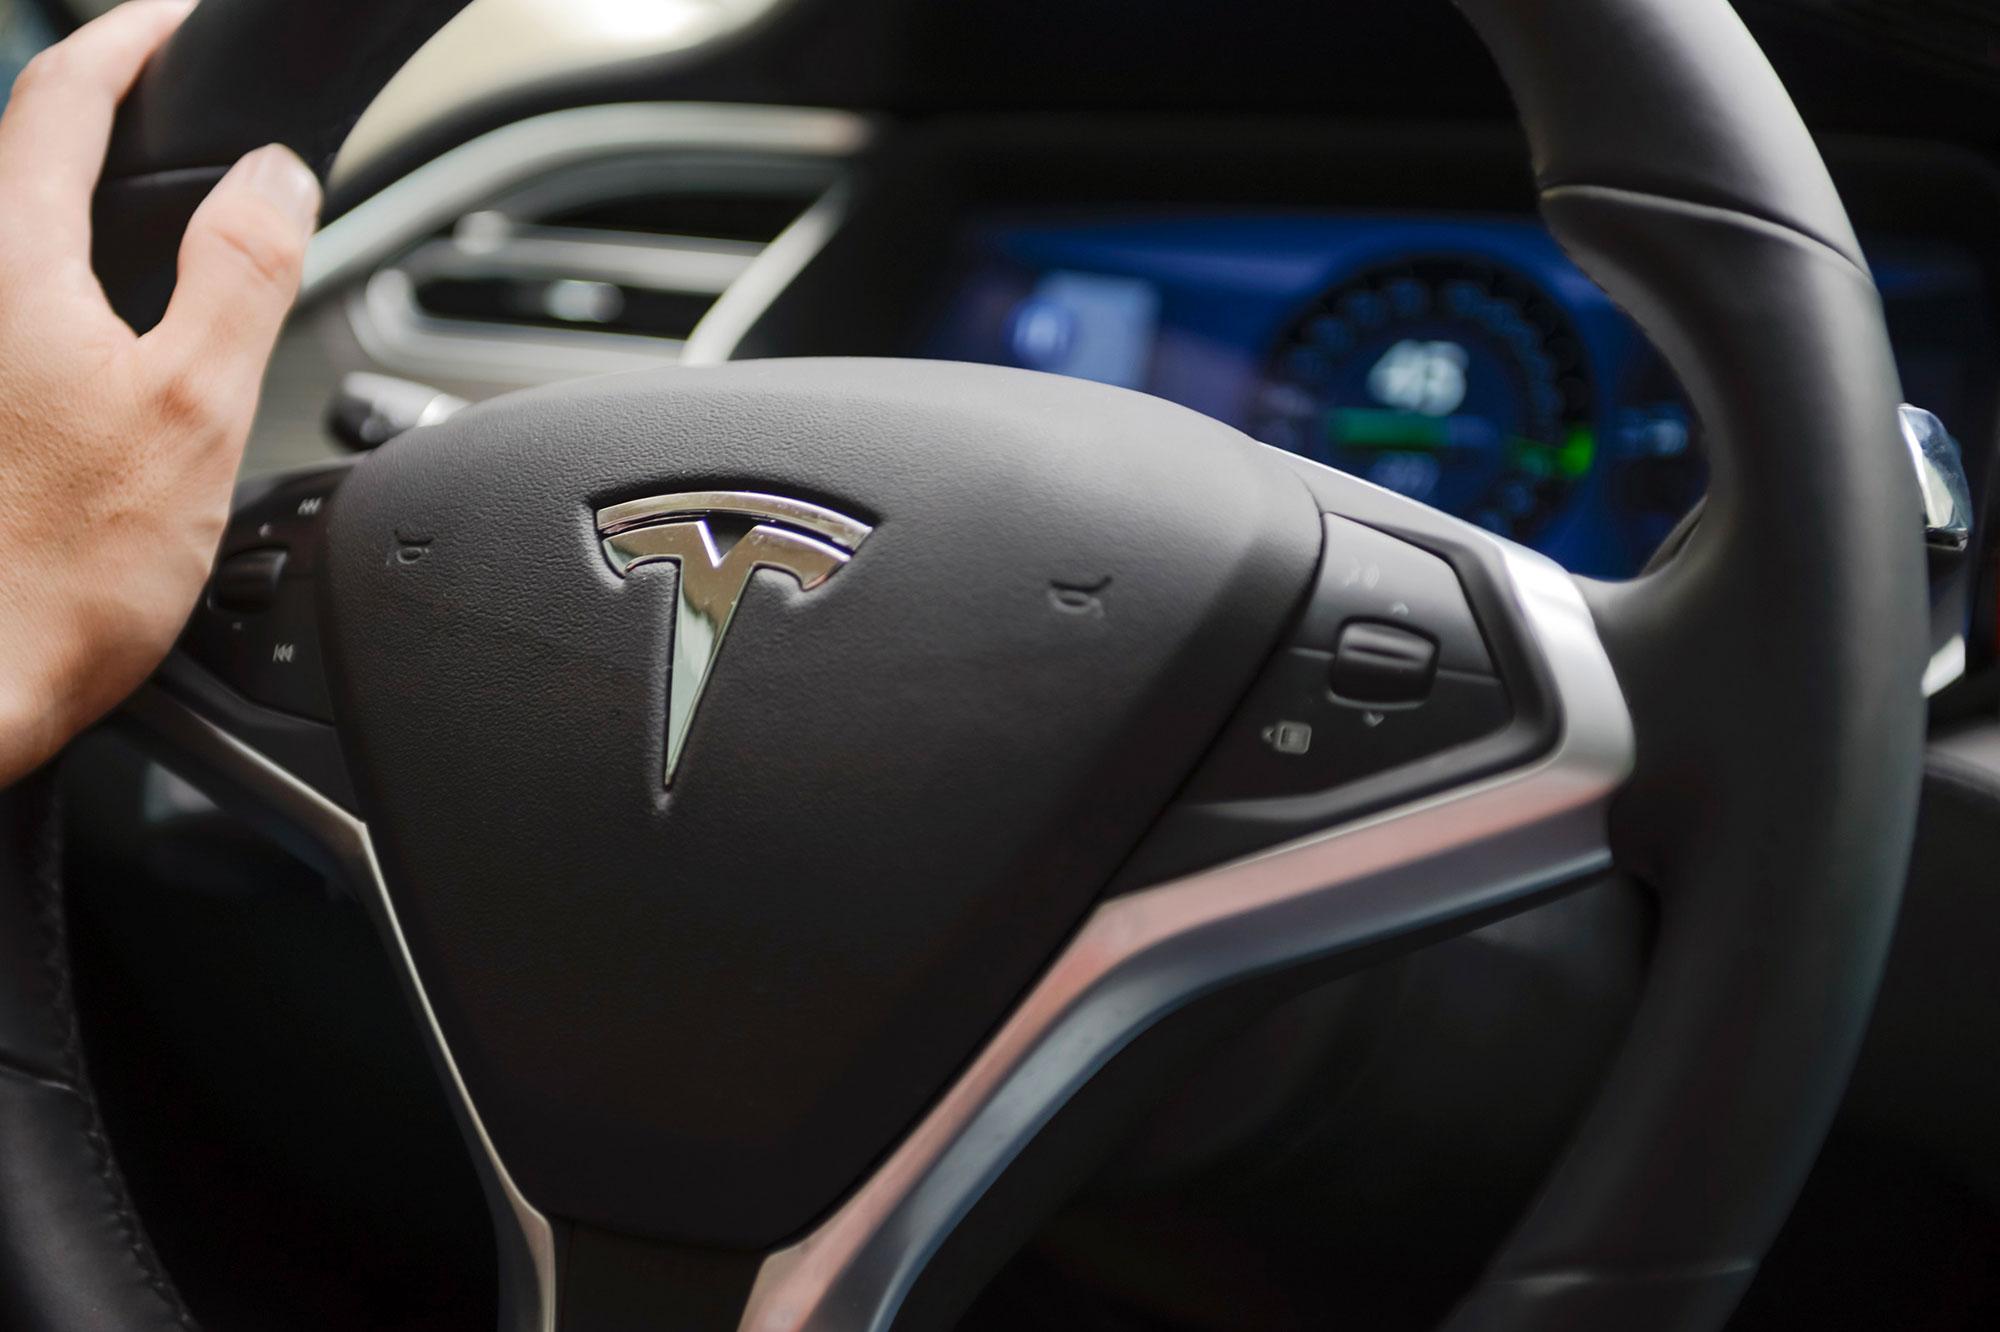 Le-pere-de-l-automobiliste-tue-dans-une-Tesla-porte-plainte Terrific Ferrari Mondial Le Bon Coin Cars Trend